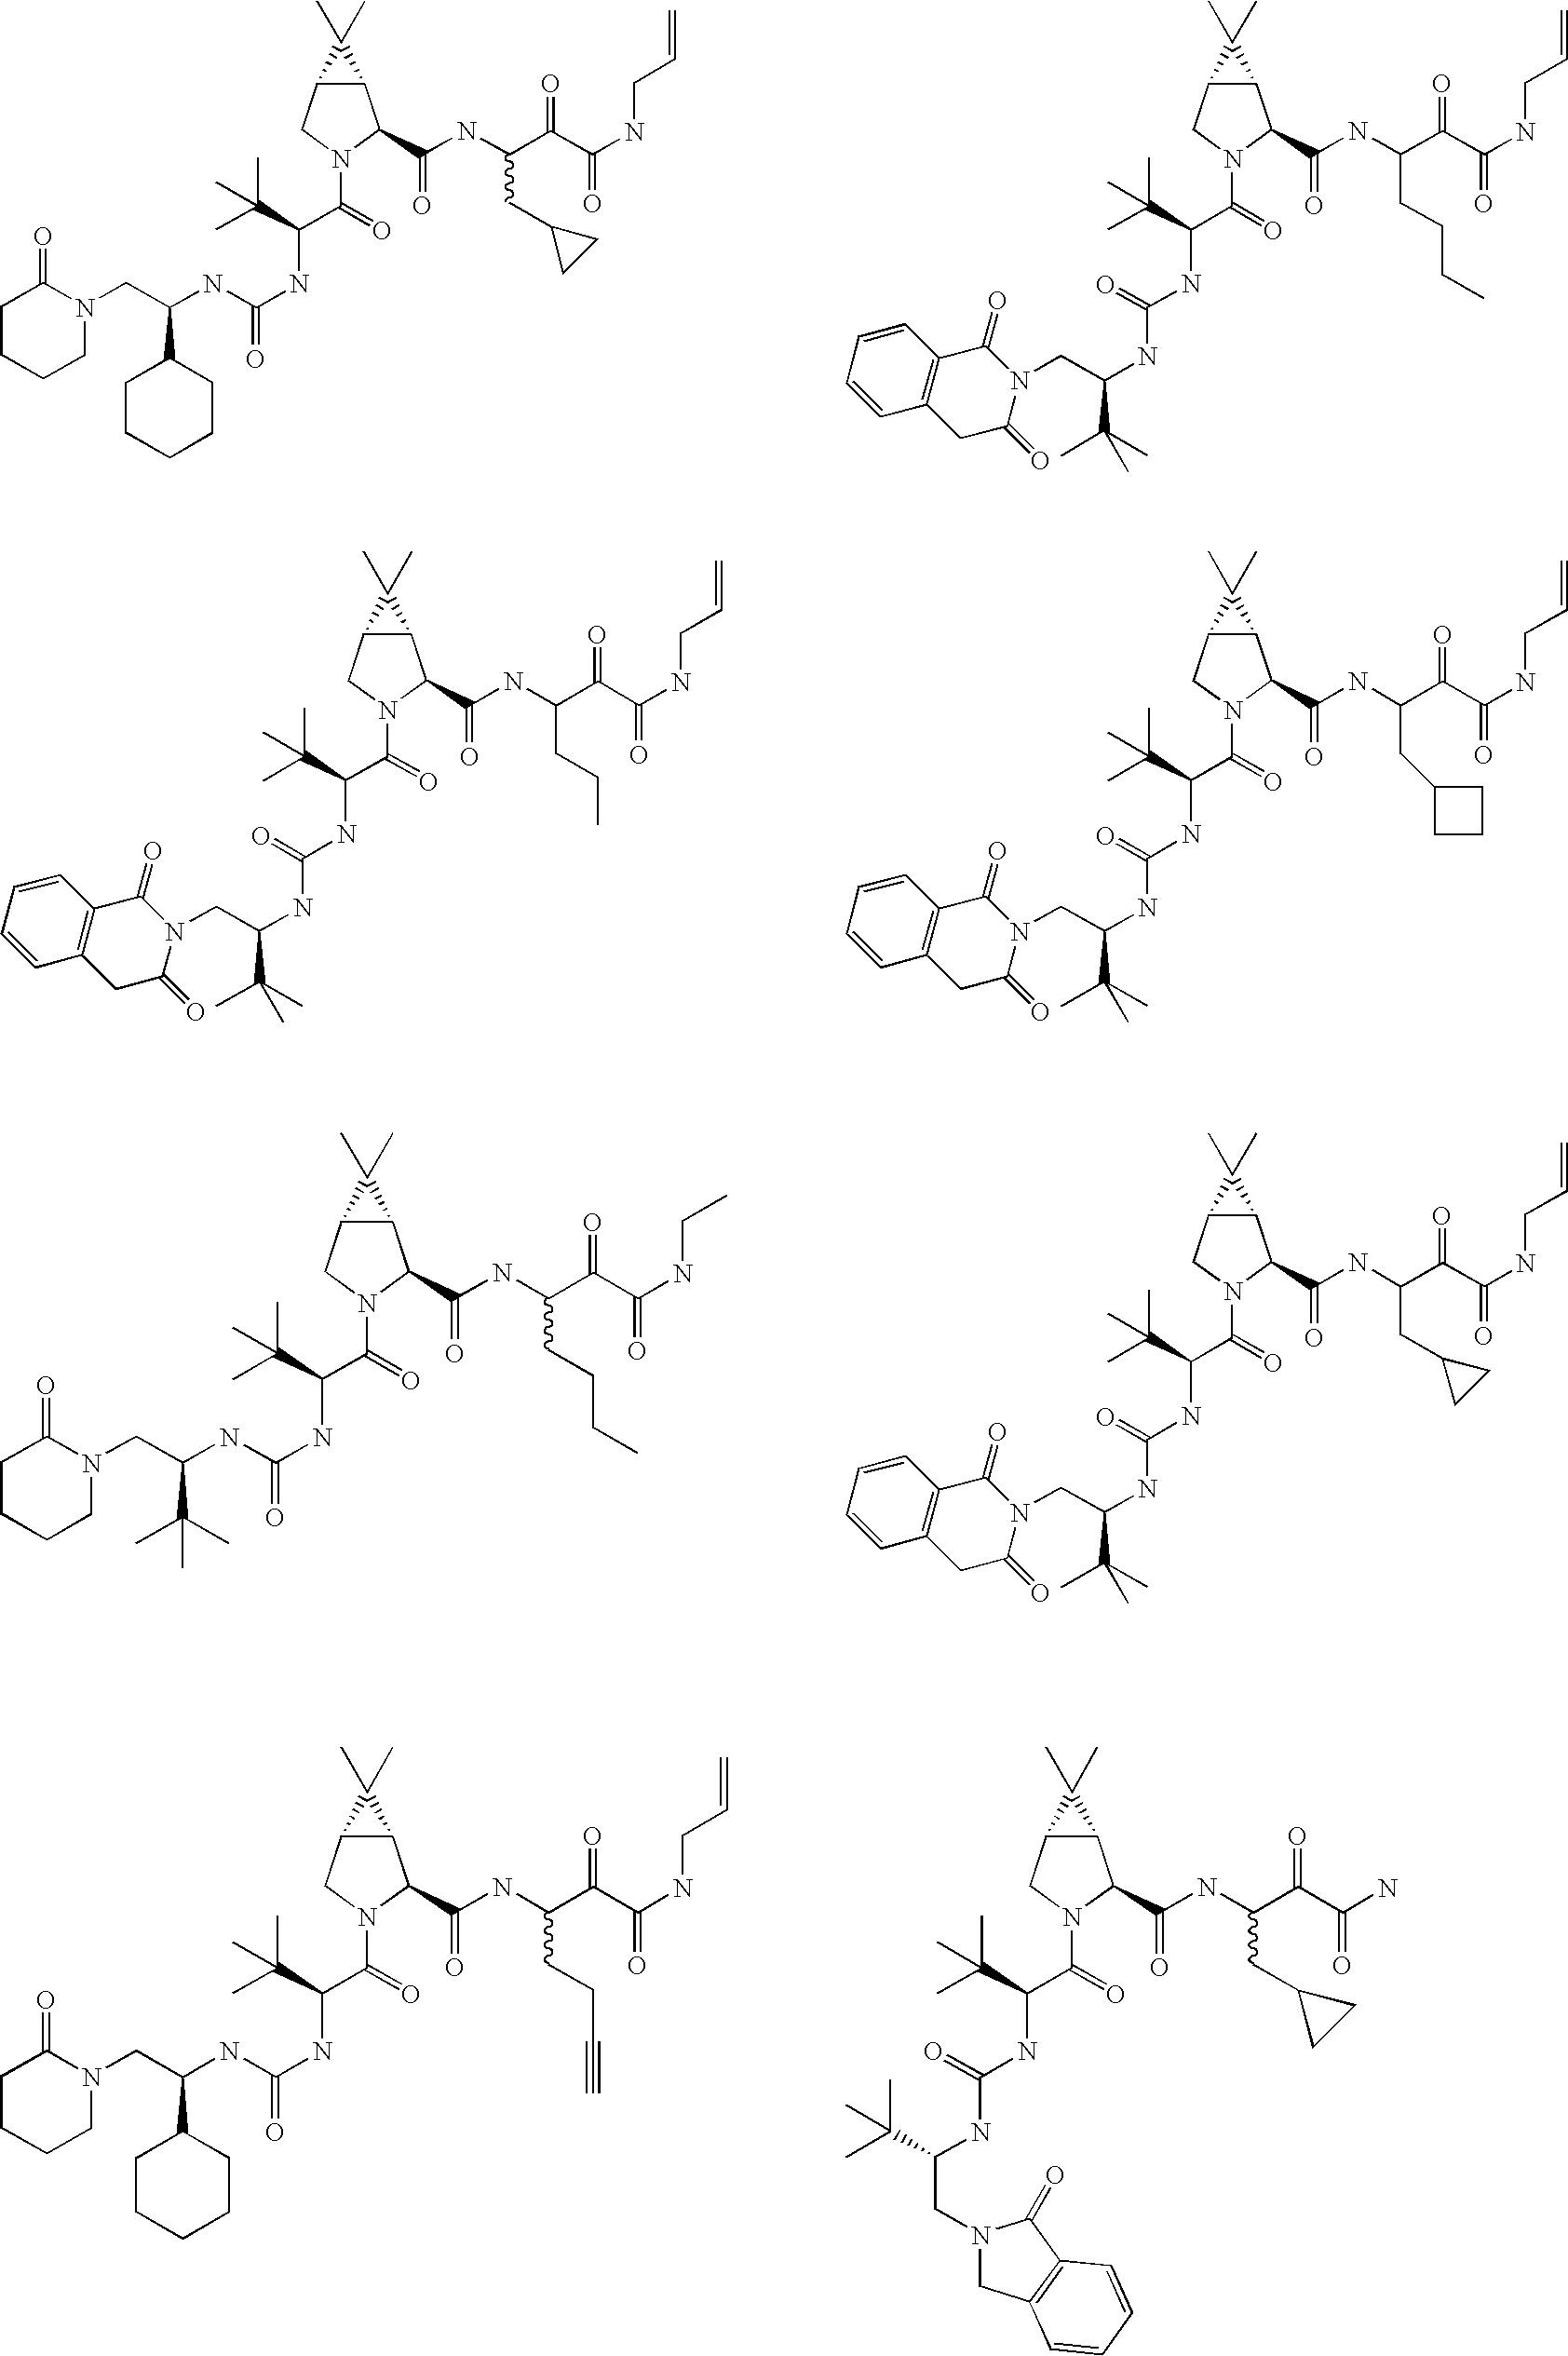 Figure US20060287248A1-20061221-C00425